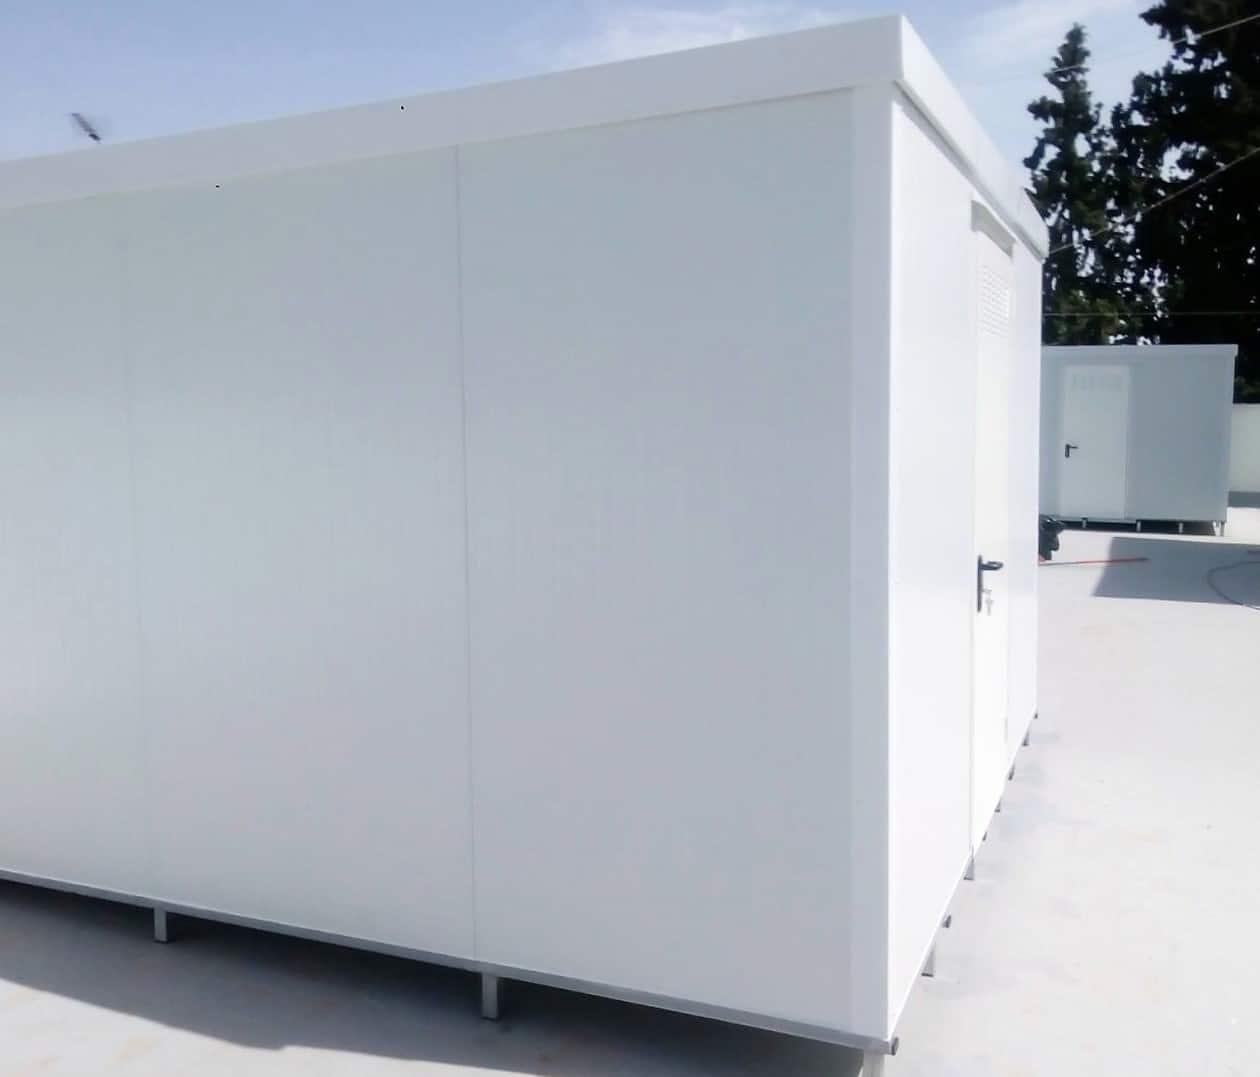 Trasteros prefabricados en mairena del aljarafe sevilla for Trasteros prefabricados precios